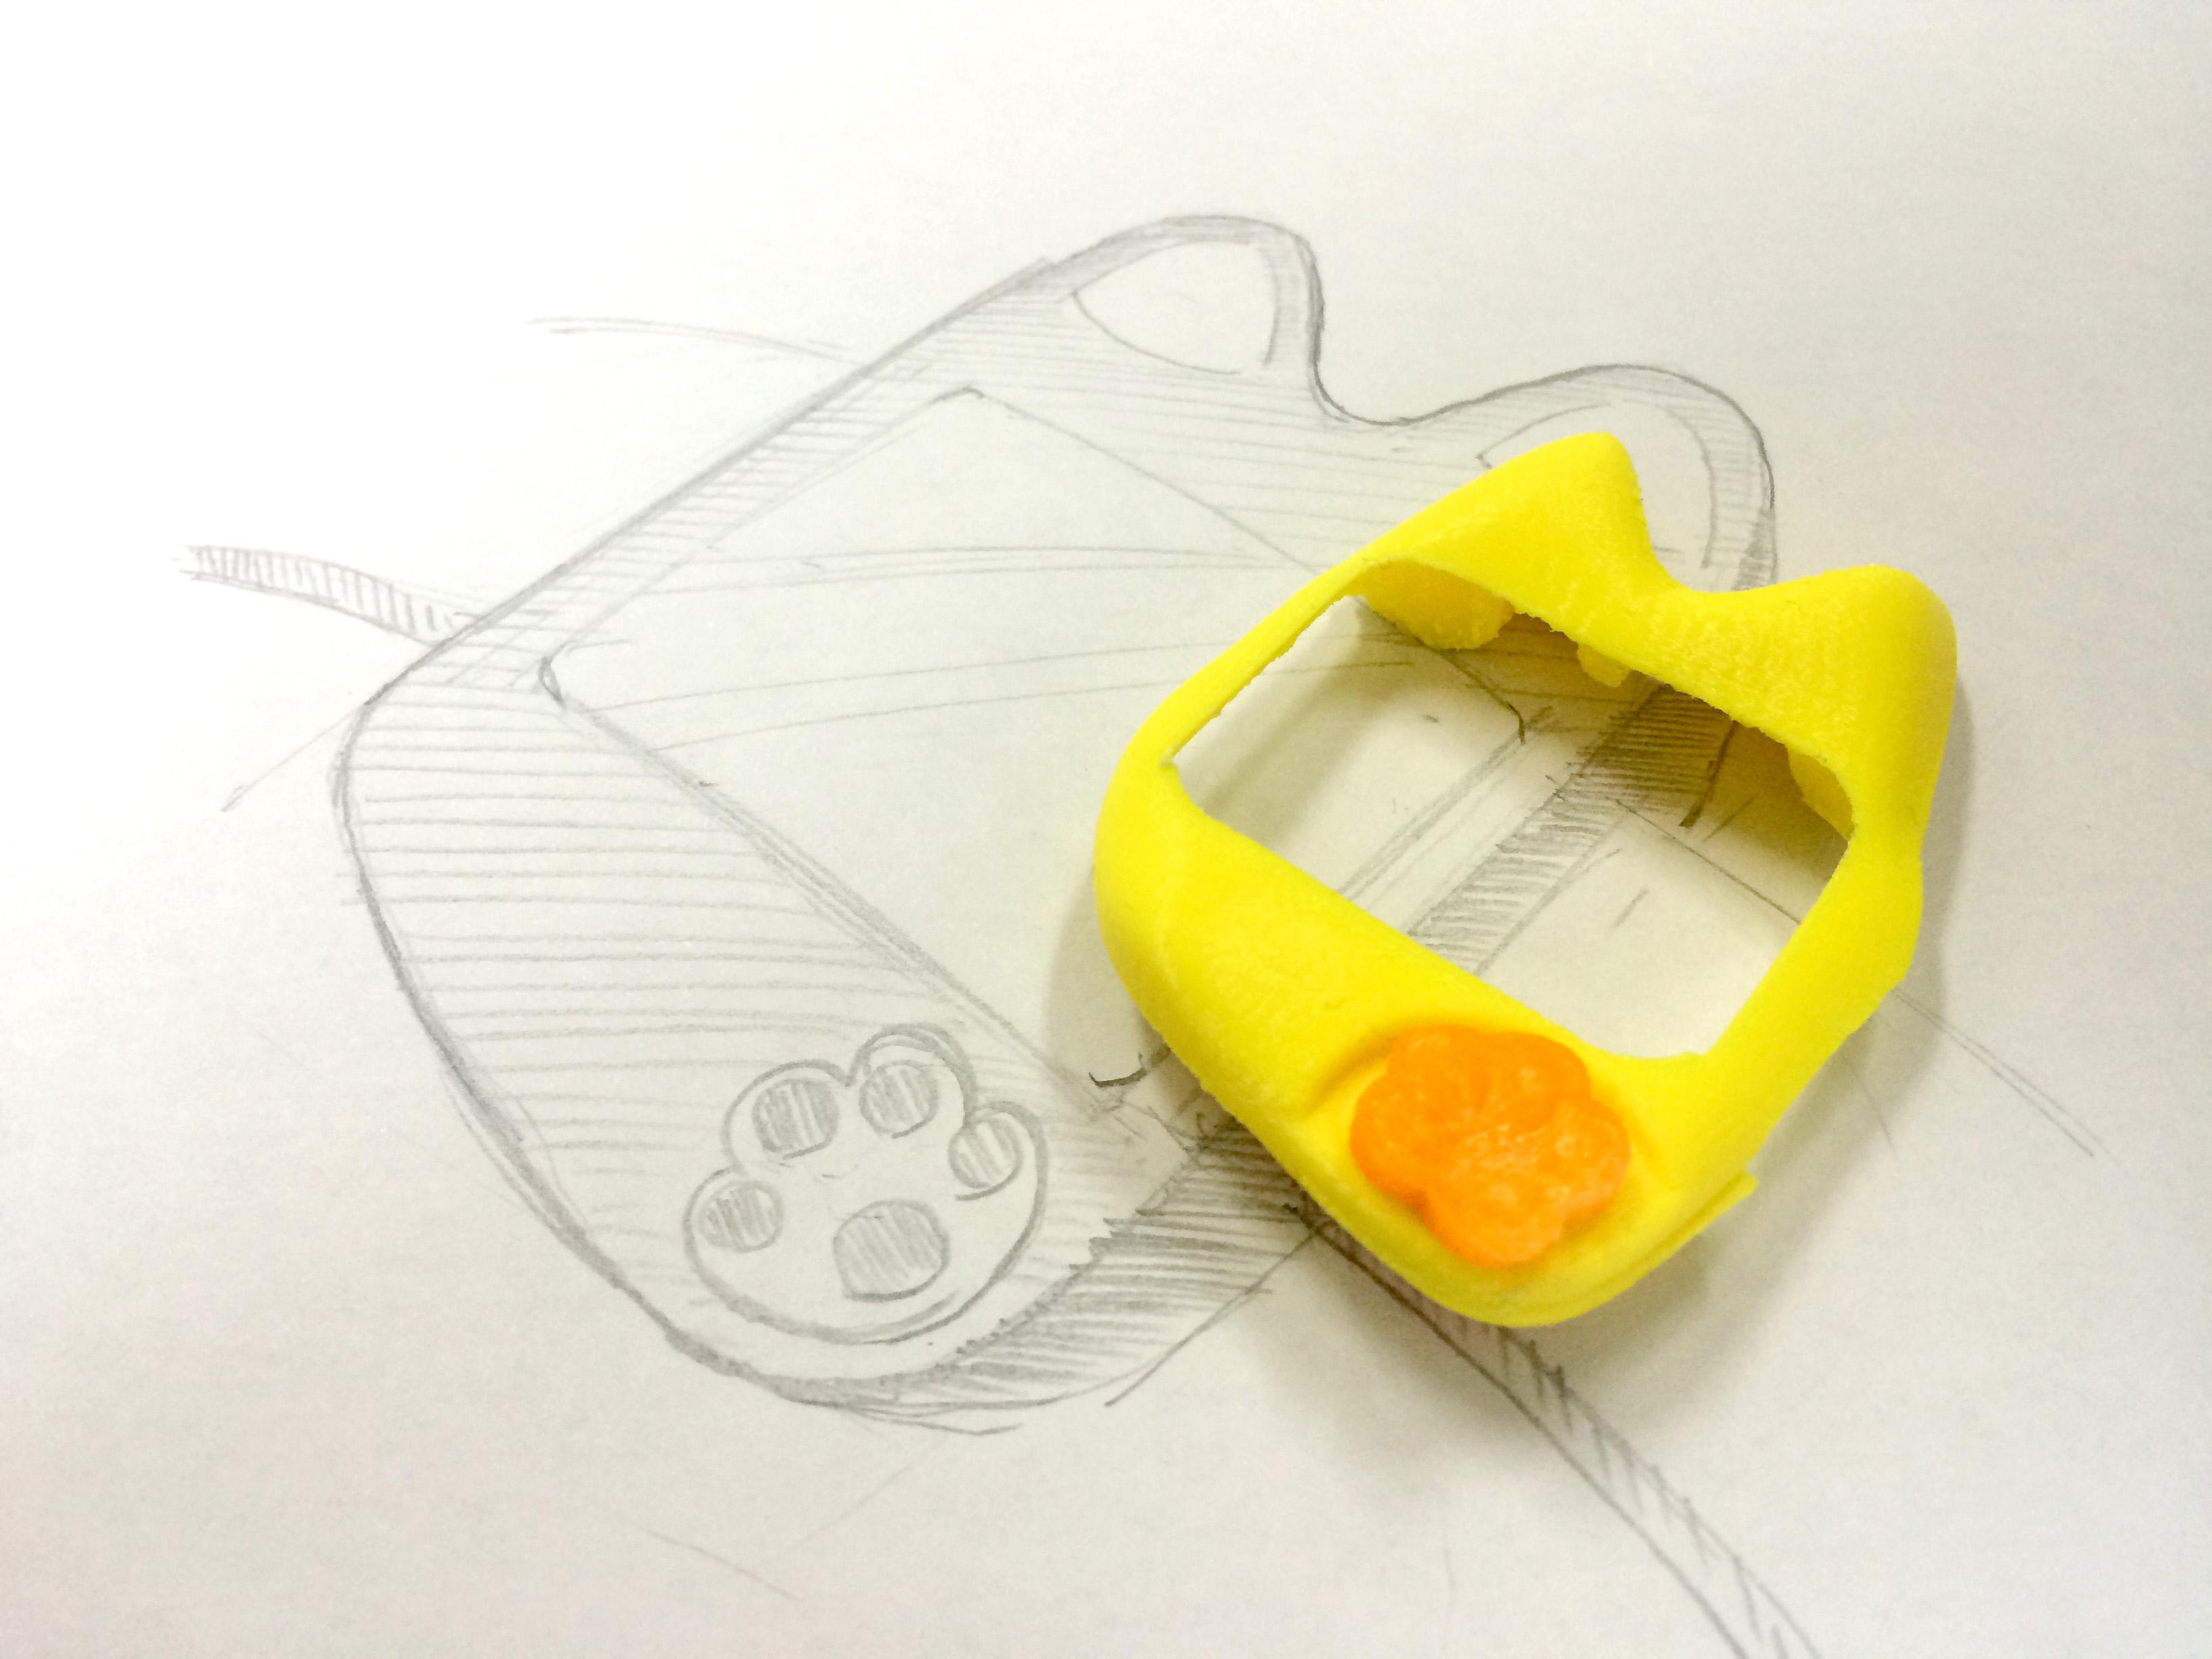 Apple Watchをイラストから作る